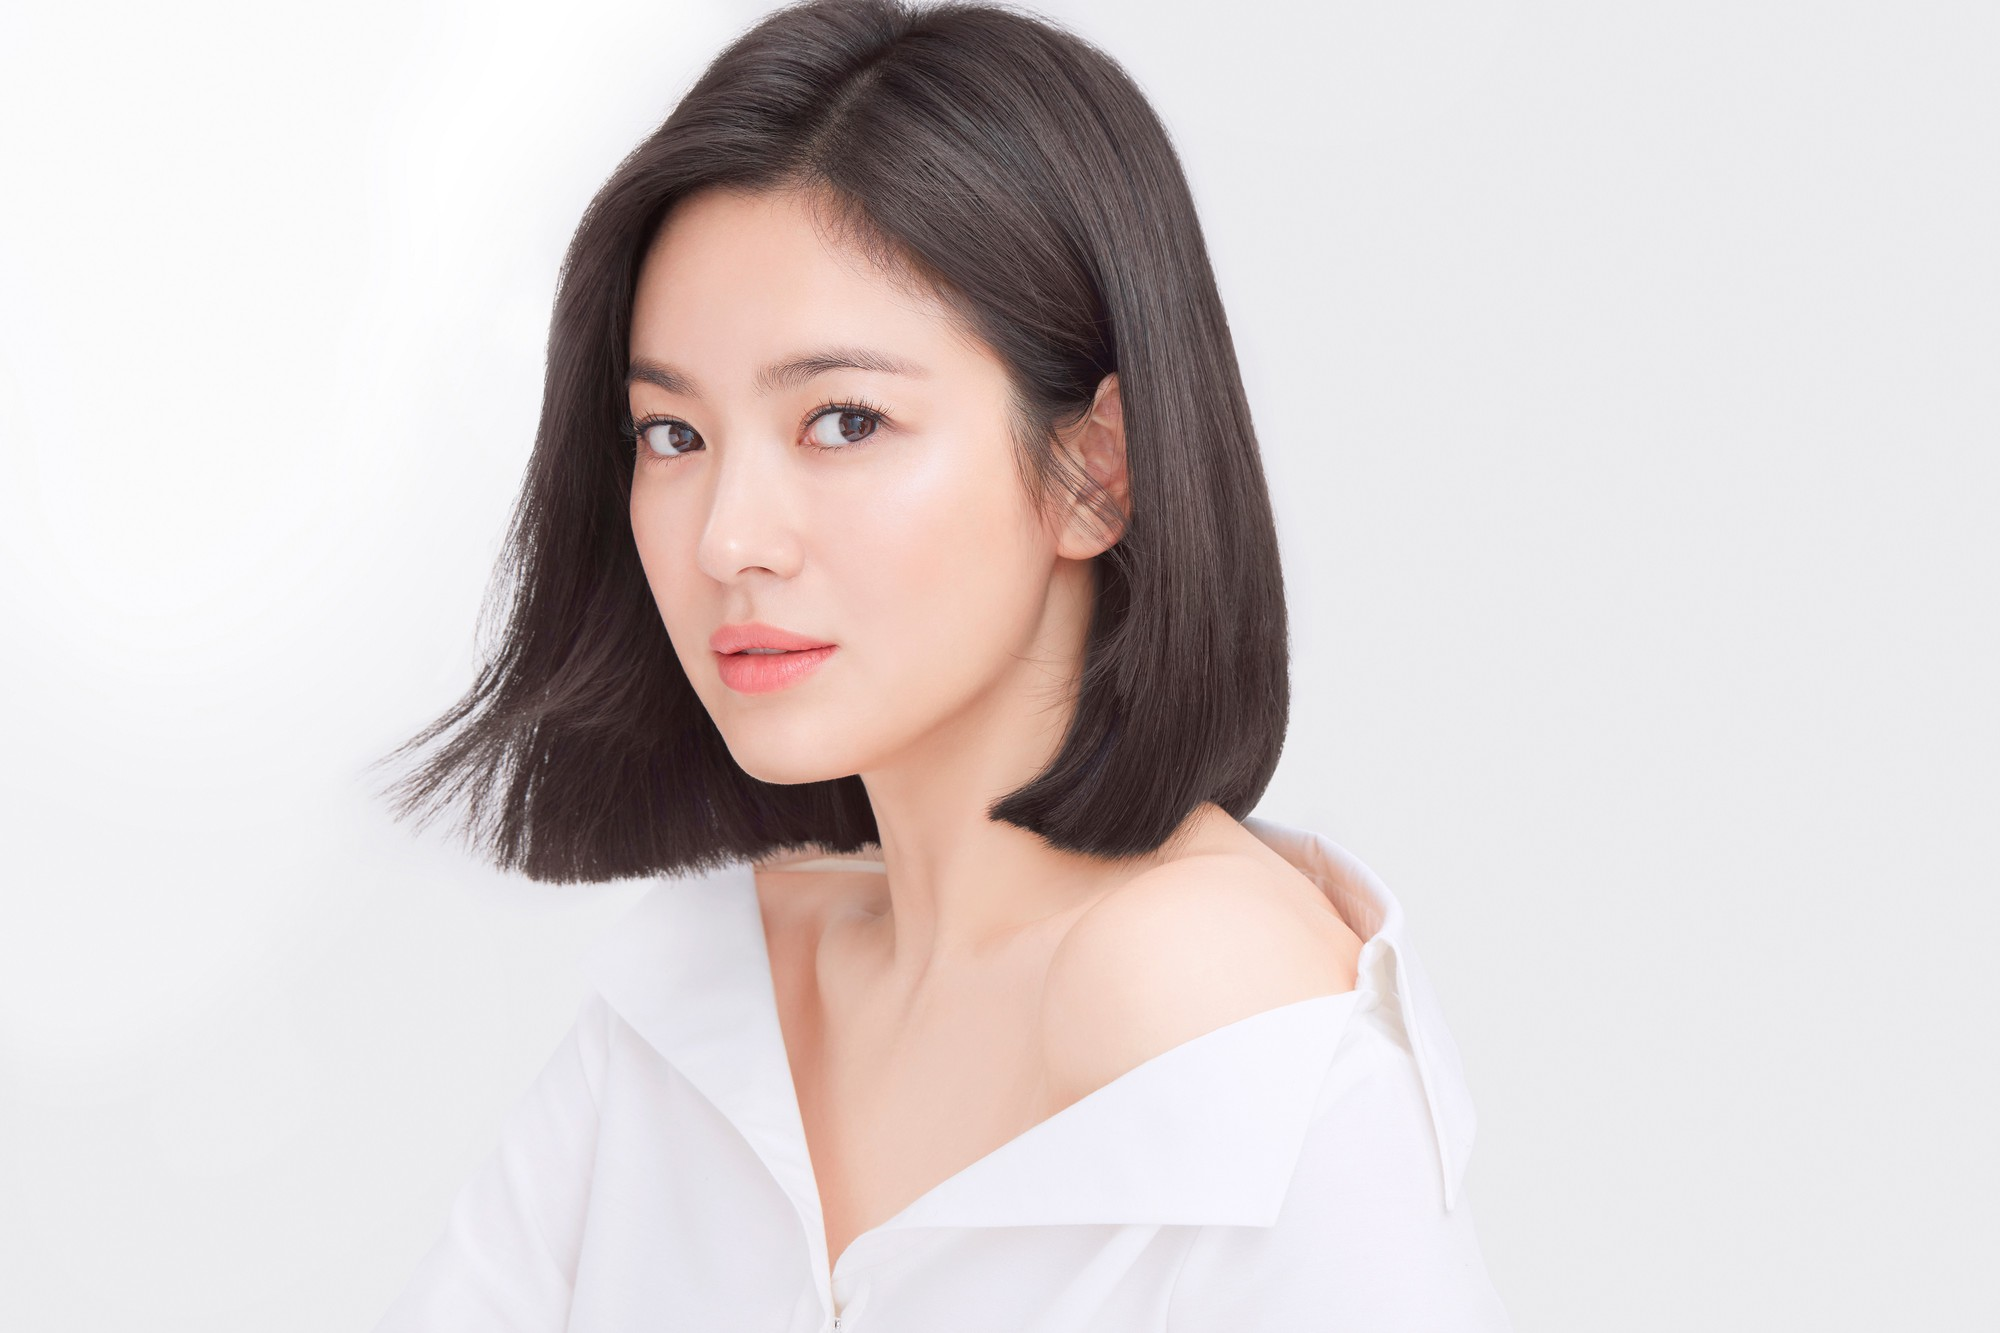 """Hồng nhan"""" như Song Hye Kyo đều nhờ cậy đến những thực phẩm tự nhiên này để giữ dáng, đẹp da-6"""